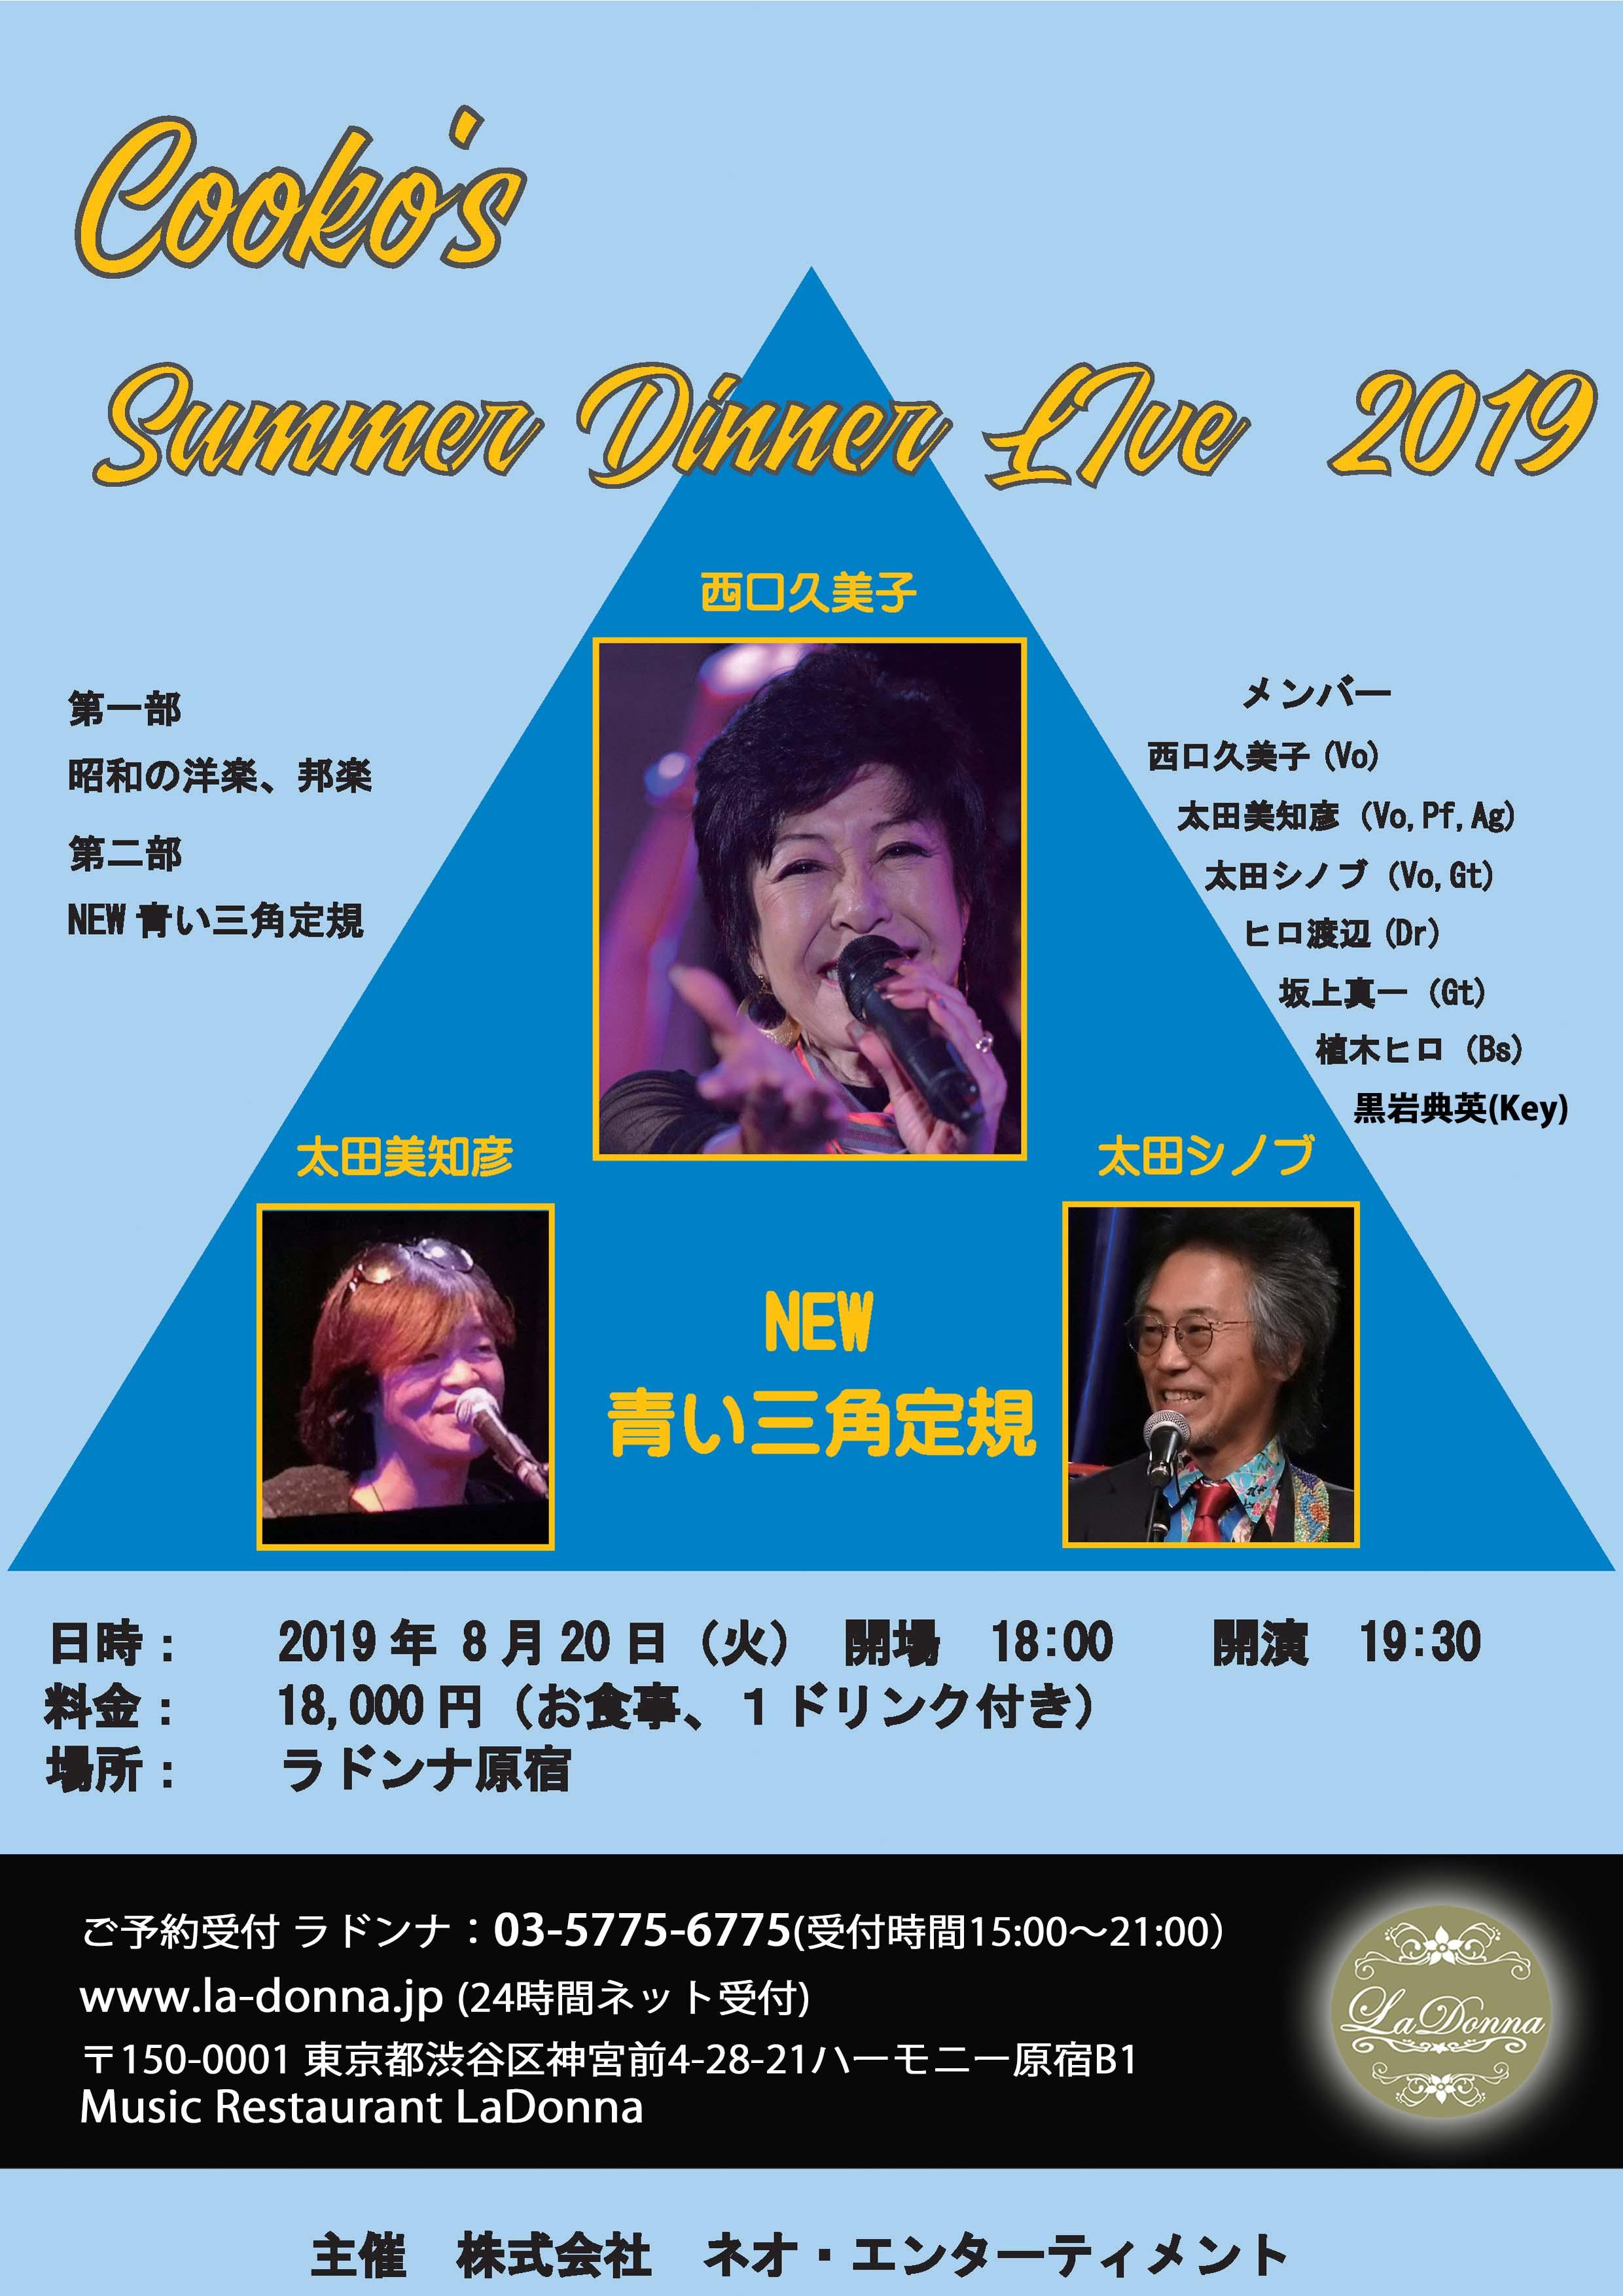 西口久美子 Cooko's Summer Dinner Live 2019